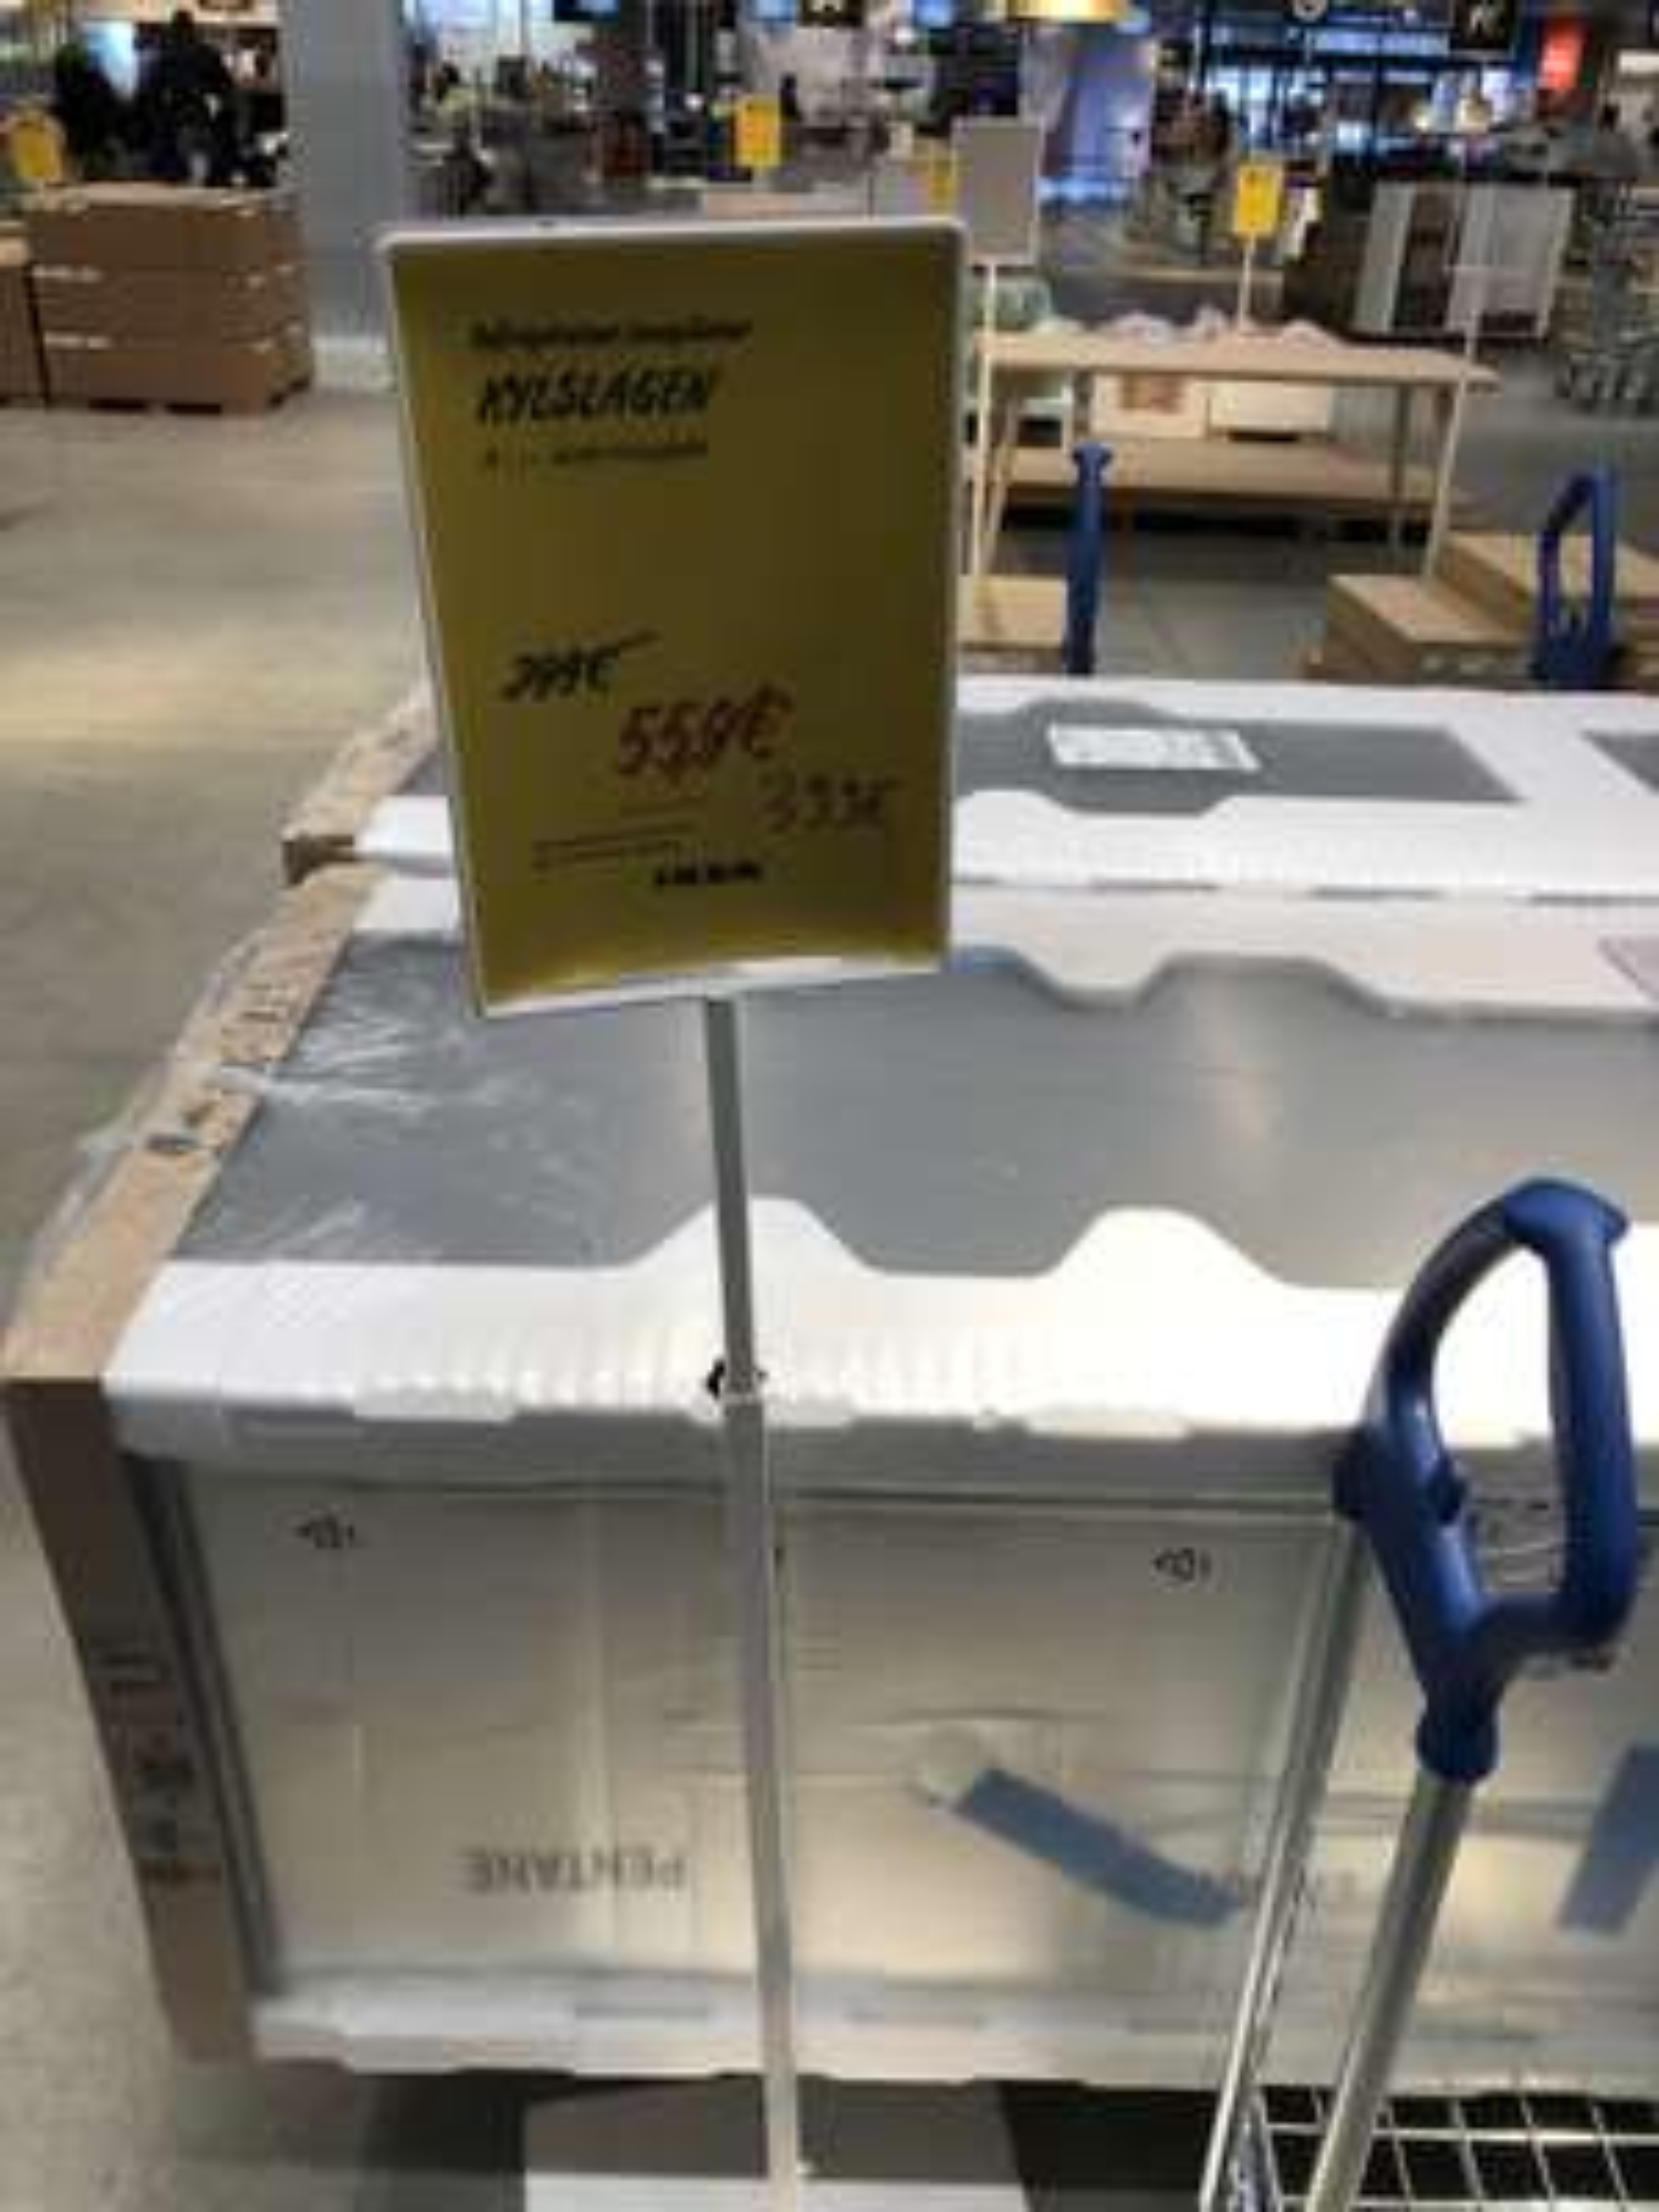 Réfrigérateur congélateur Kylslagen - Acier inoxydable, A+++ (Saint Étienne - 42)